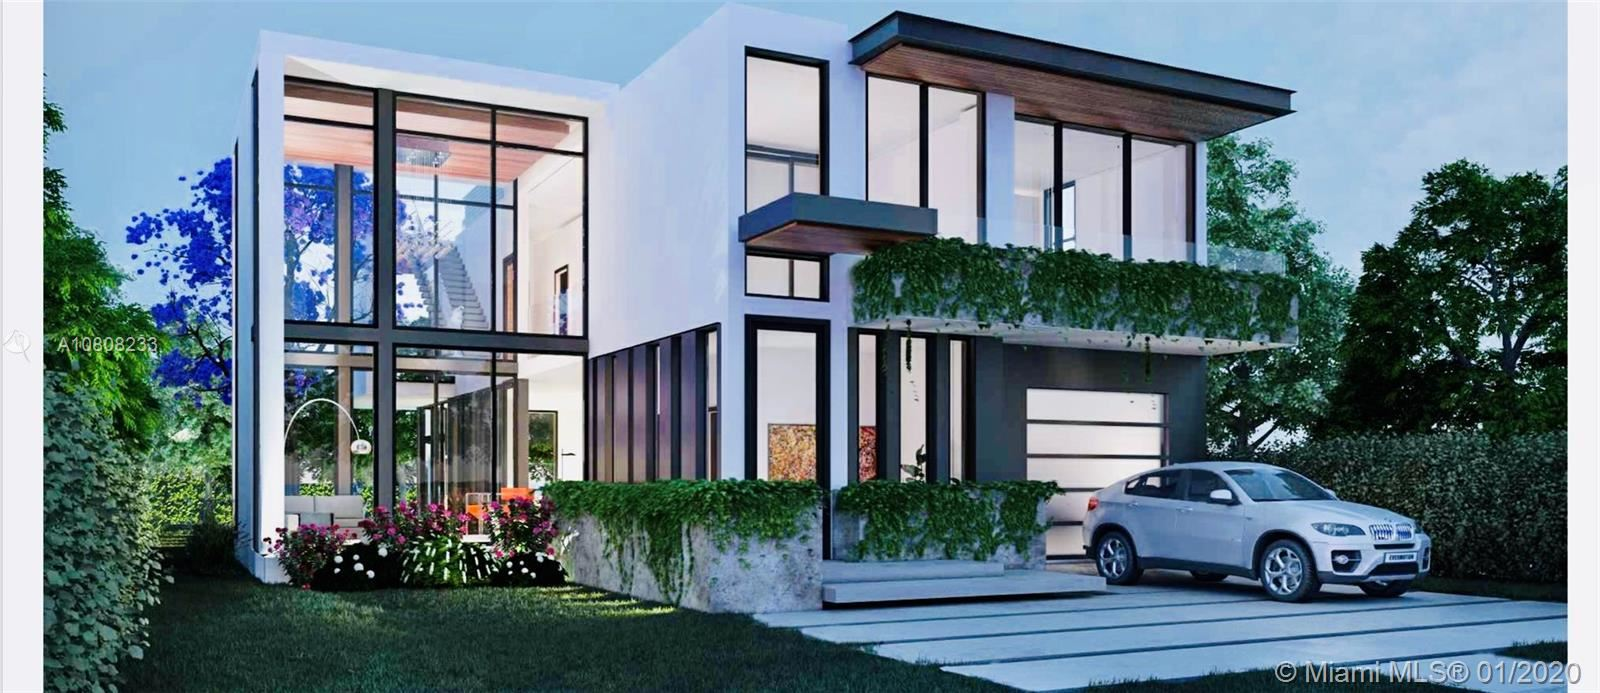 2360 Alton Rd, Miami Beach, FL 33140 - #: A10808233